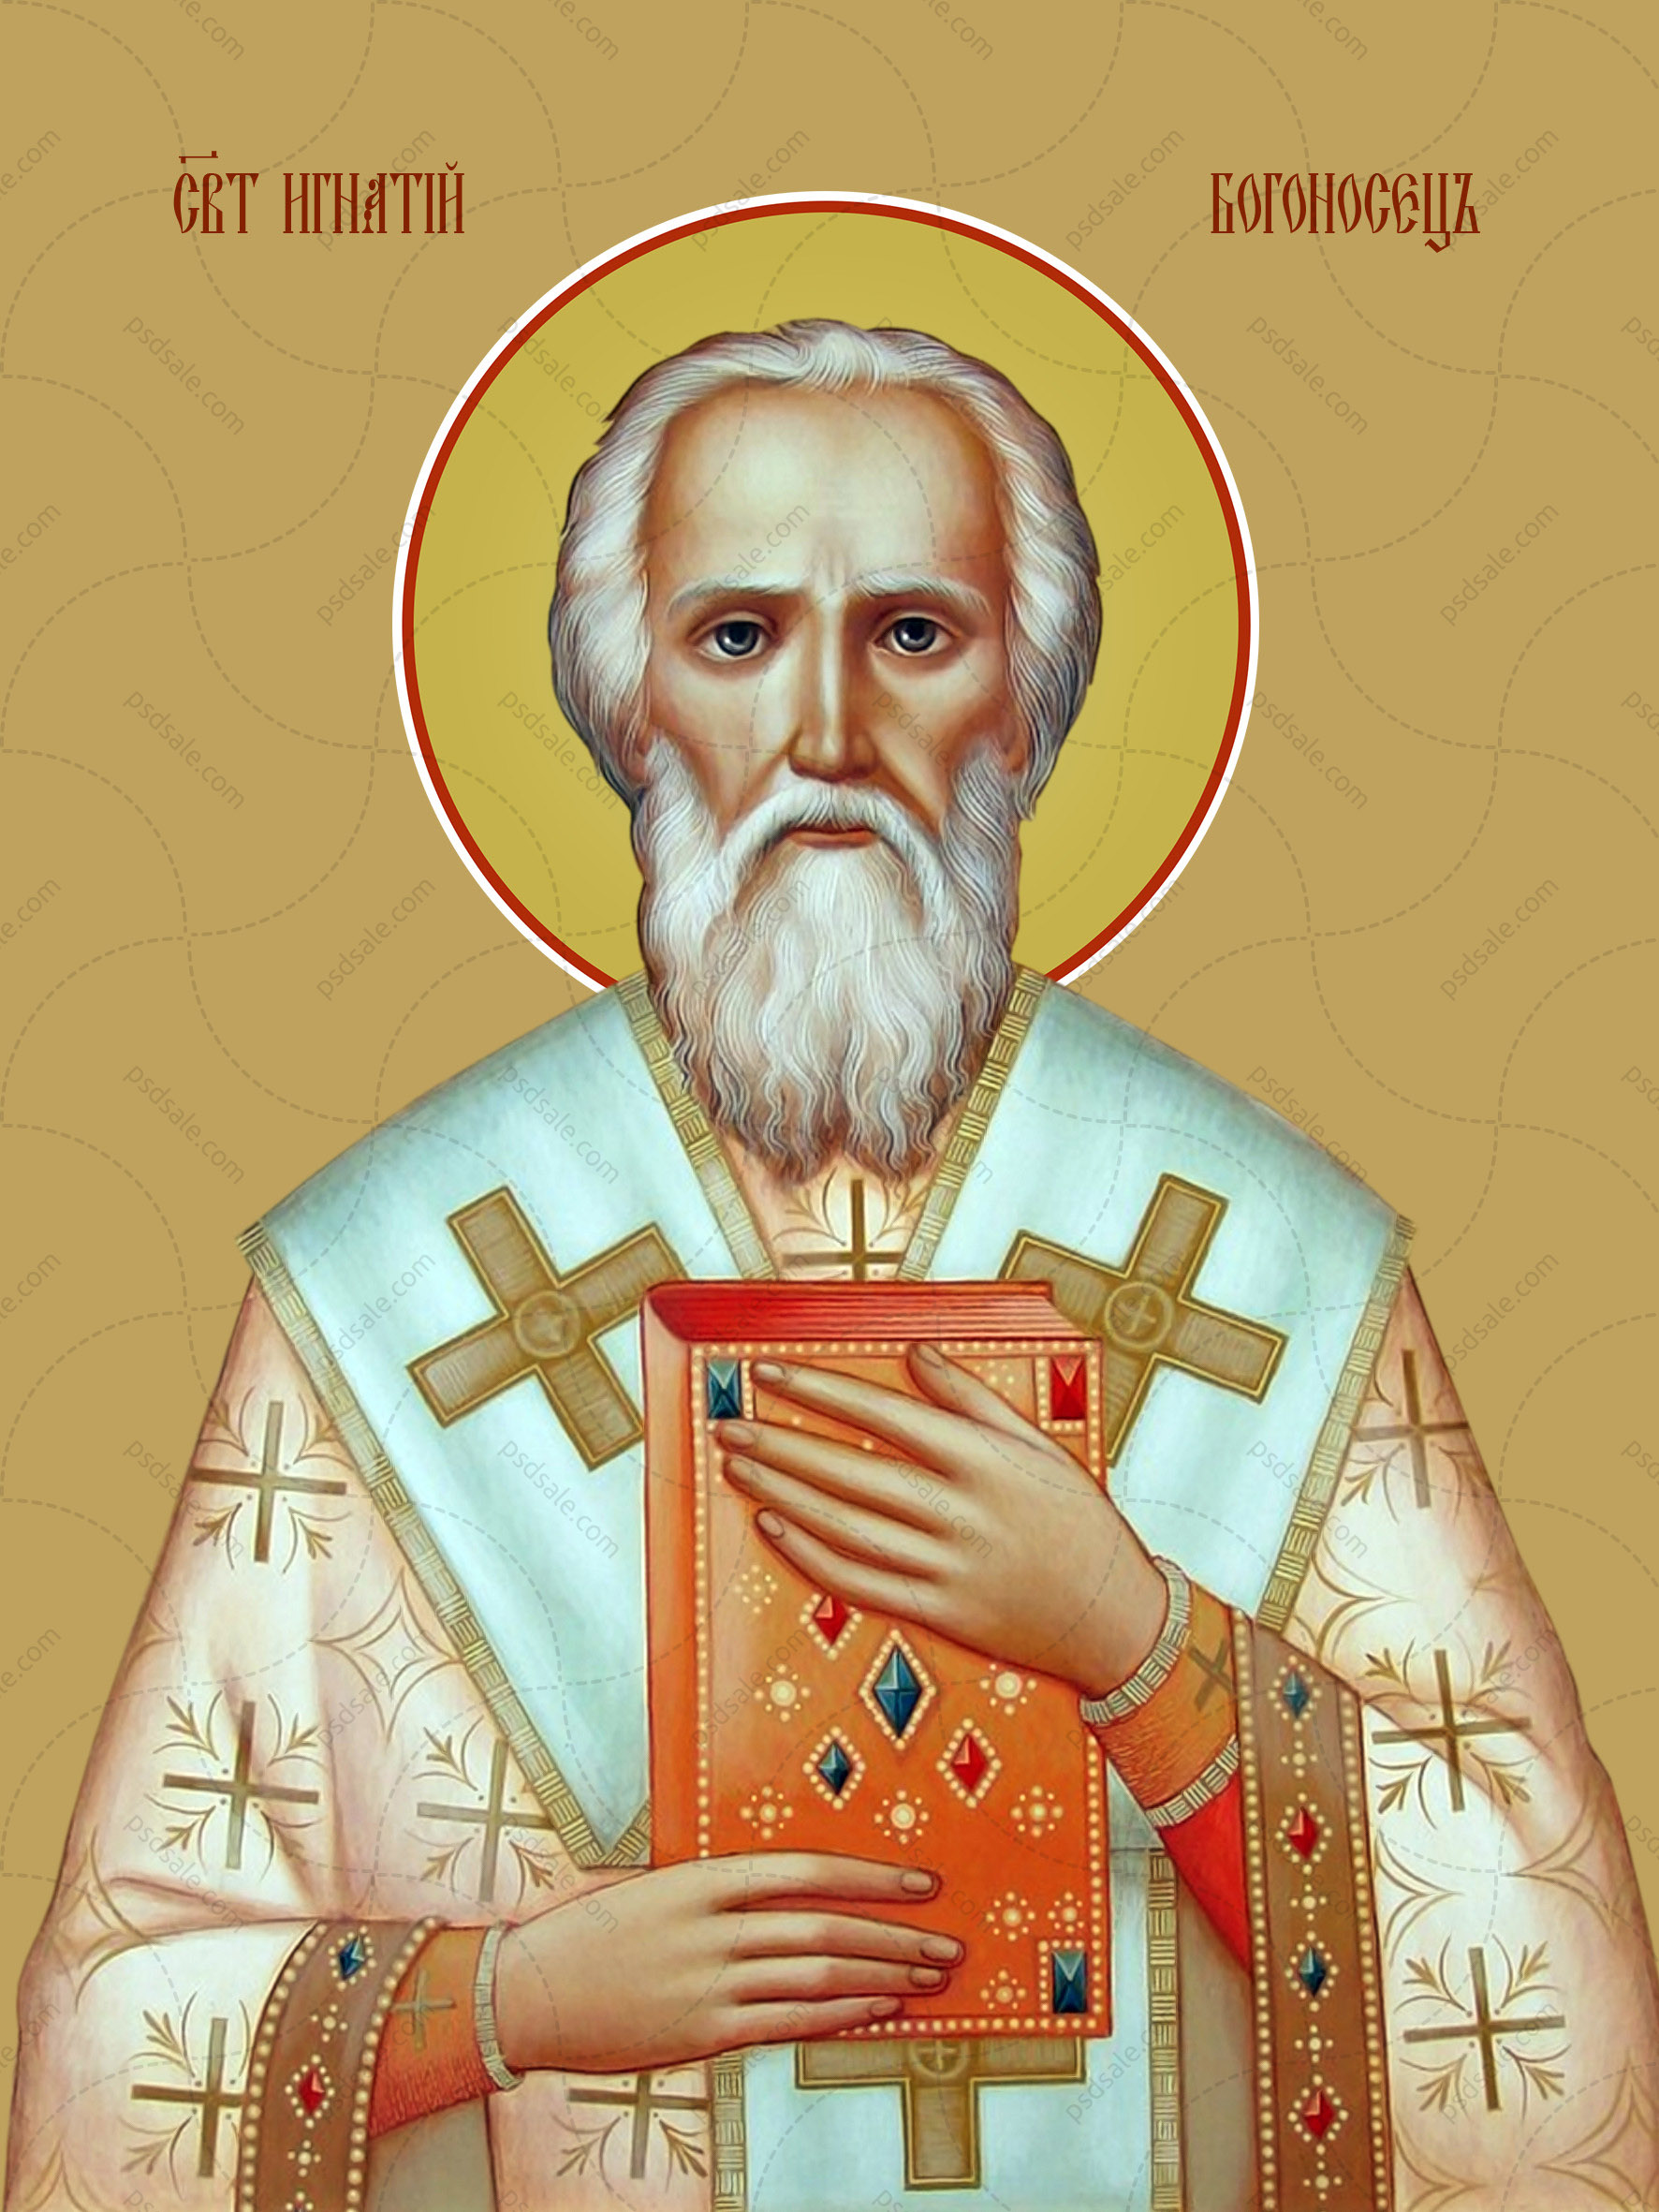 Игнатий Богоносец, священномученик